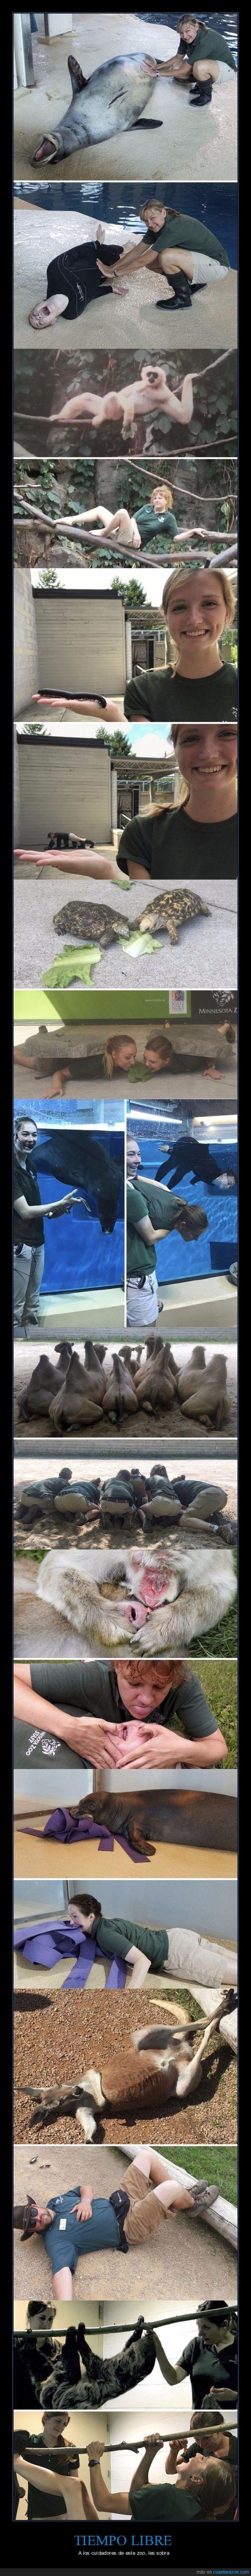 chicos del zoologico imitando a los animales